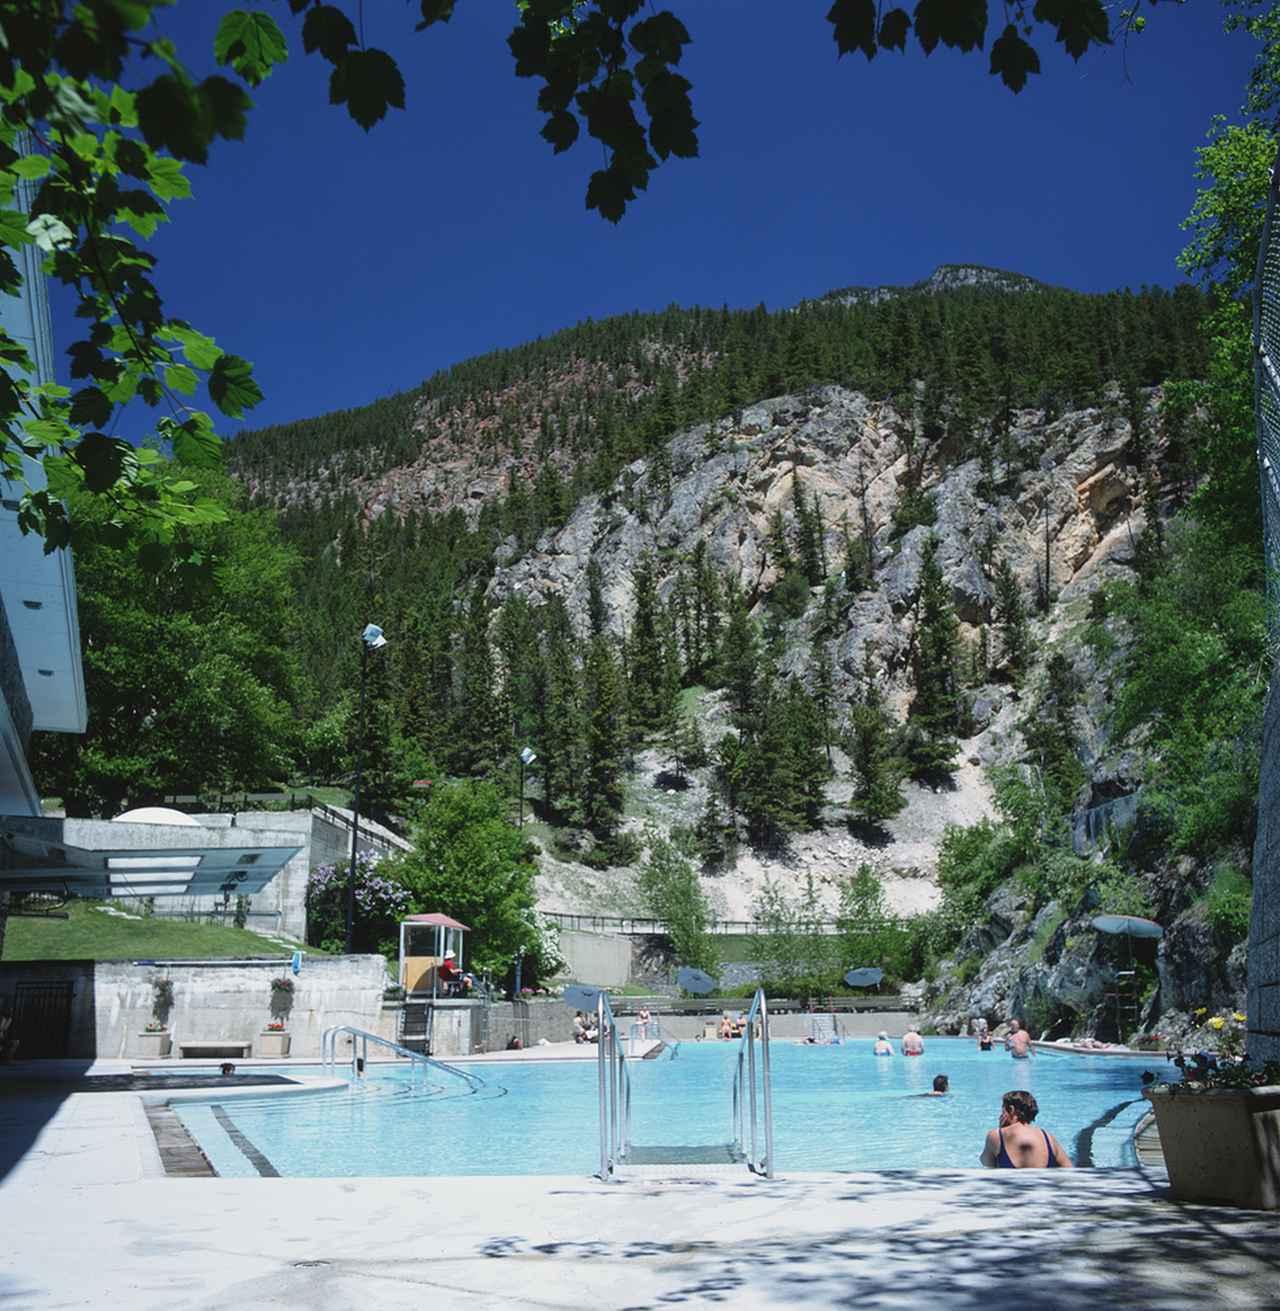 画像: 写真提供:Parks Canada/Canadian Rockies Hot Springs/カナダ観光局